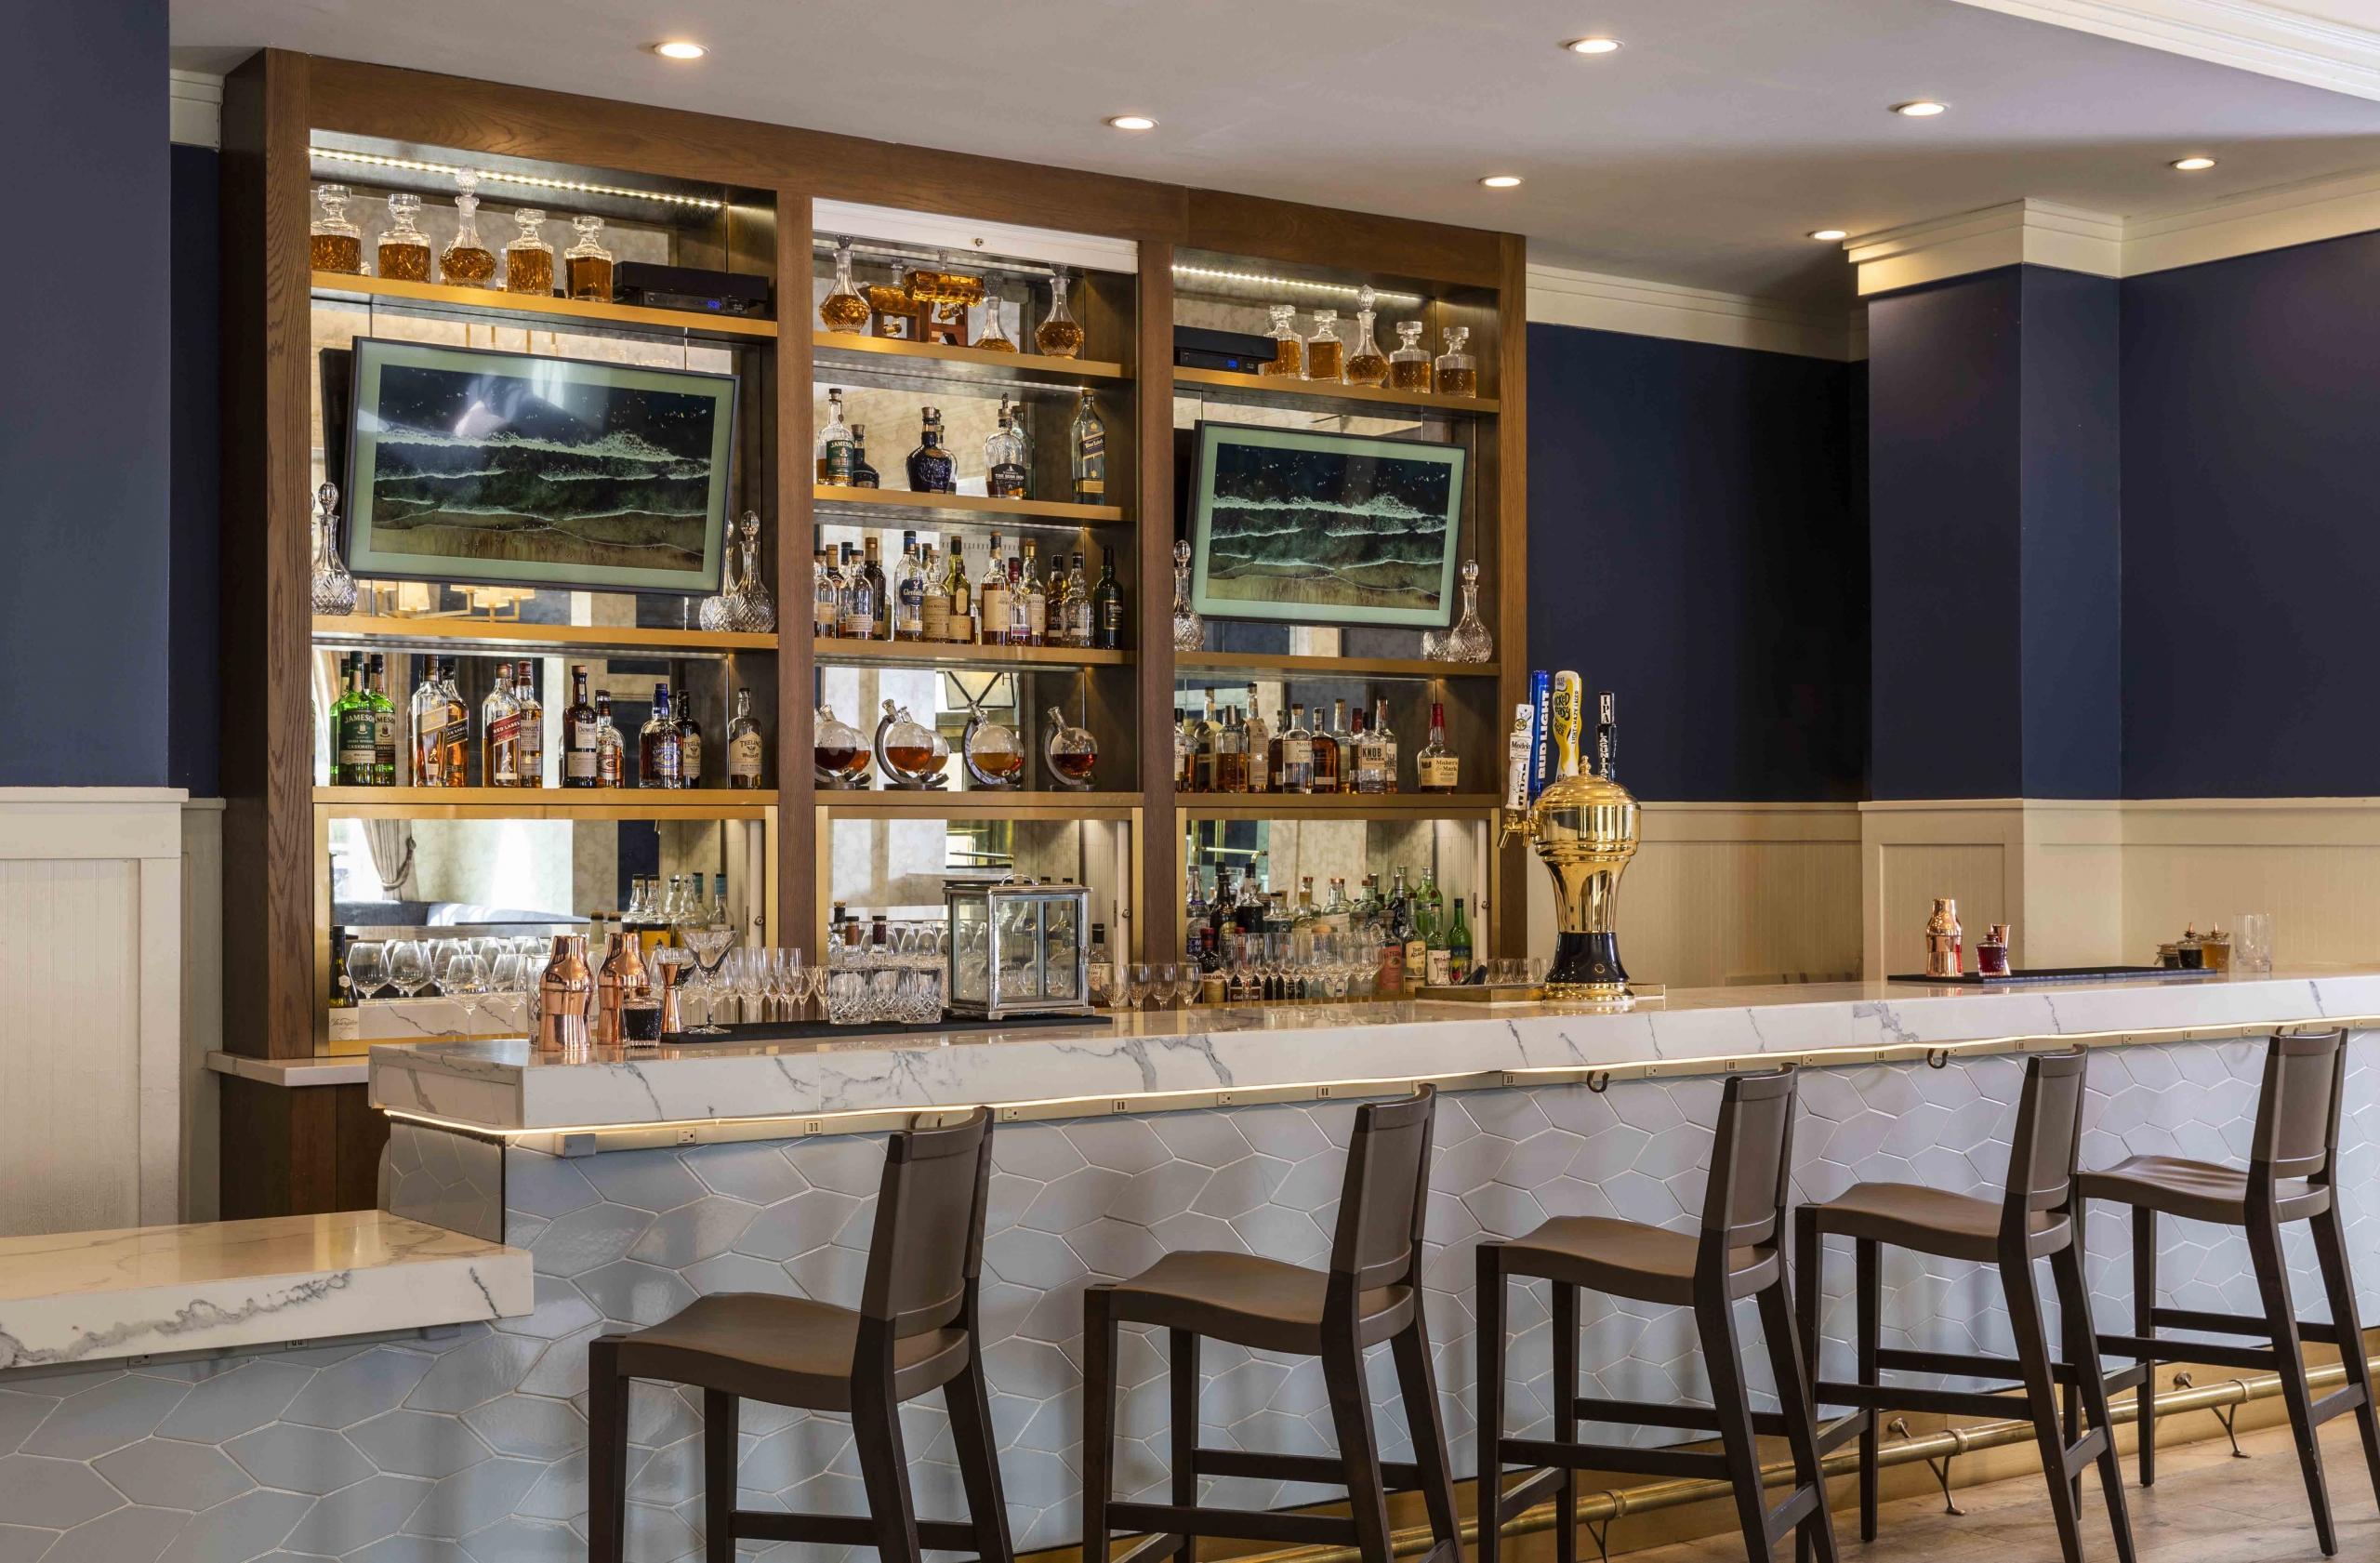 The bar at Hotel Viking